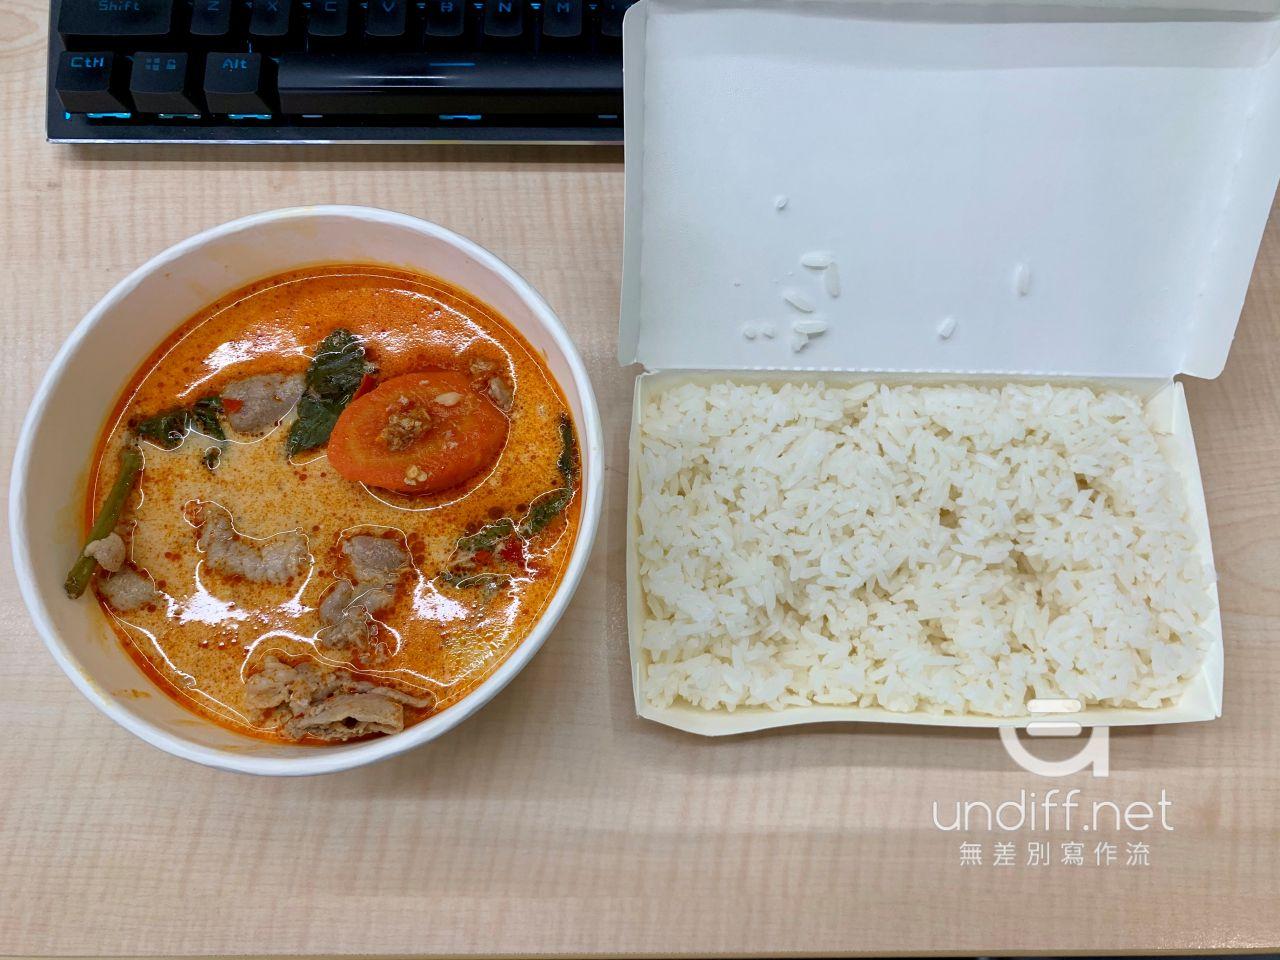 【內湖 訂便當日記】日嚐 Taste&Enjoy 南洋風味料理 64